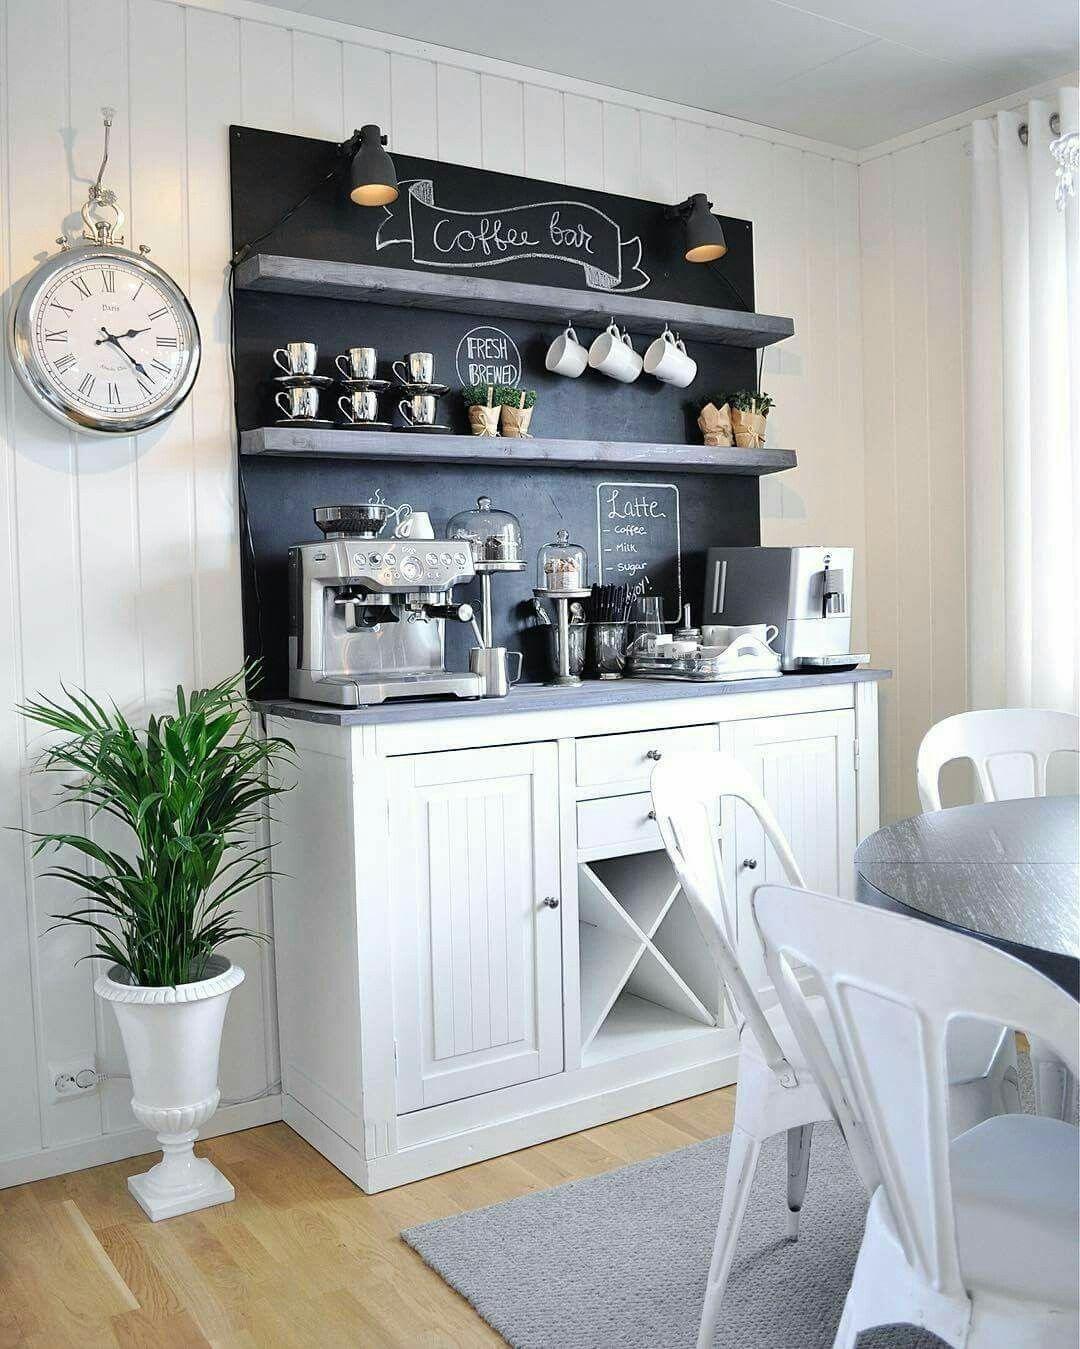 Dining Room Storage Ideas To Keep Your Scheme Clutter Free: Muebles De Café, Decoración De Unas